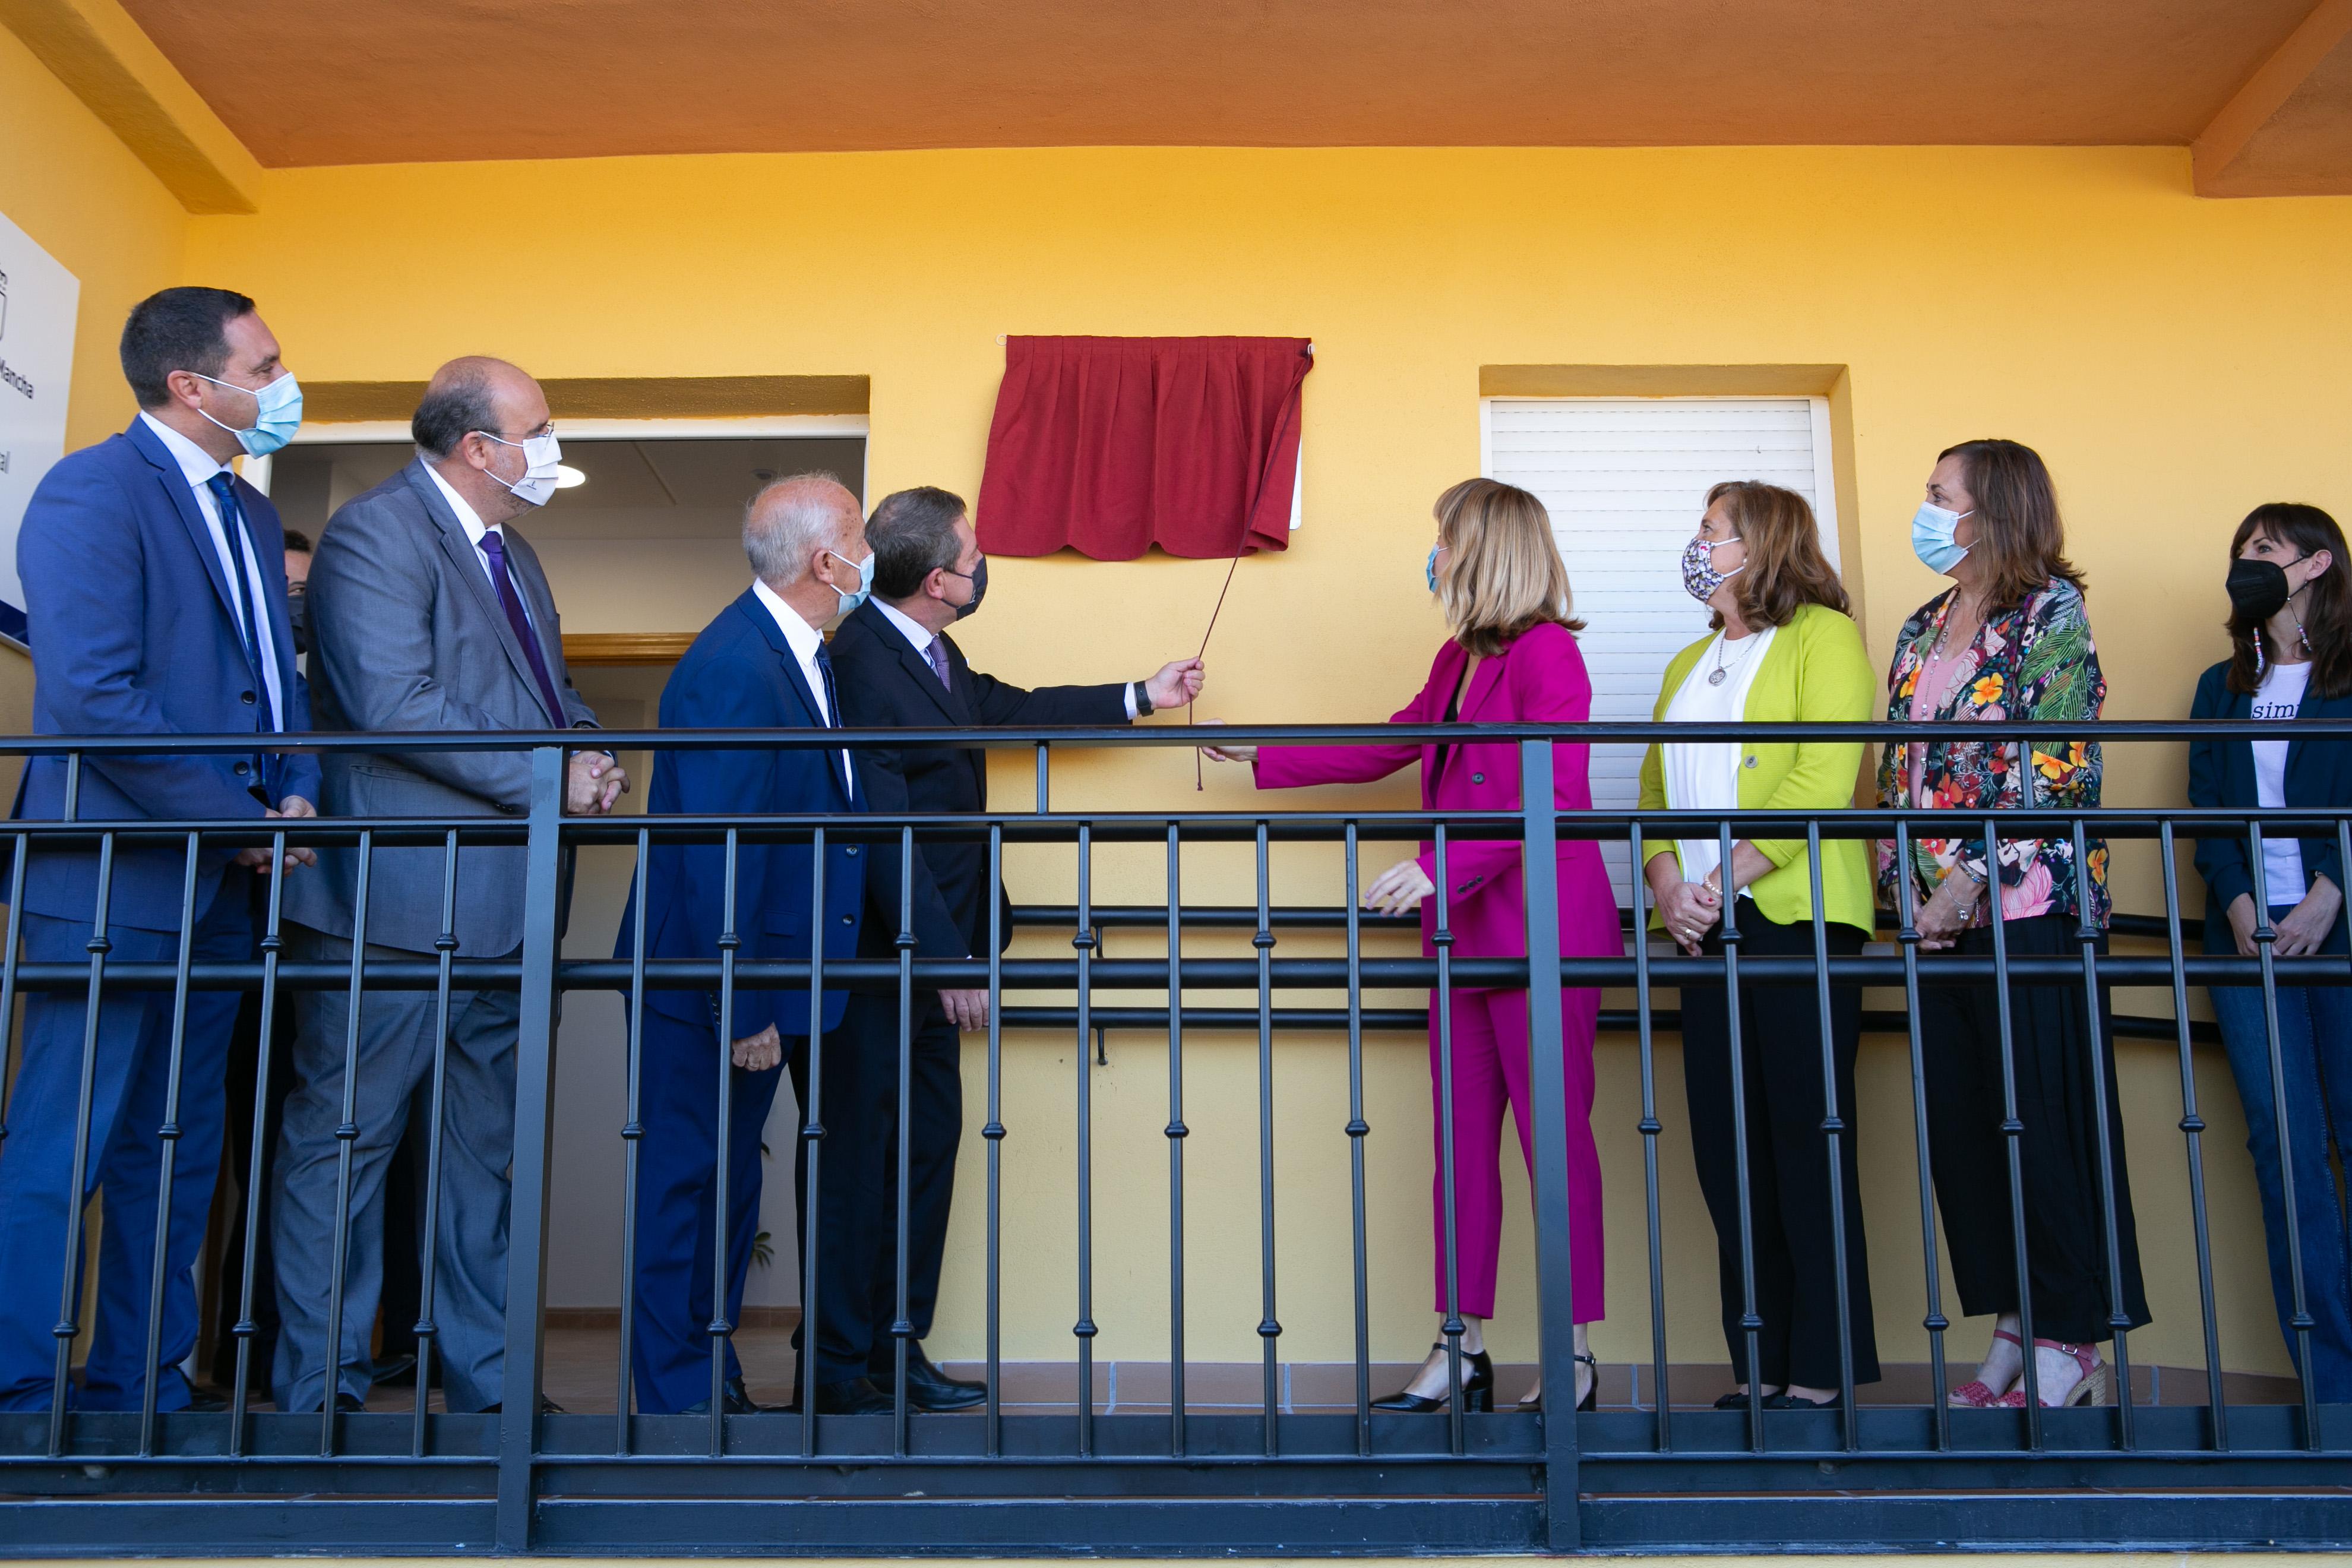 Inauguración de la Sección Escolar, dependiente del Colegio Rural Agrupado 'Elena Fortún' de Villar de Olalla (Educación)